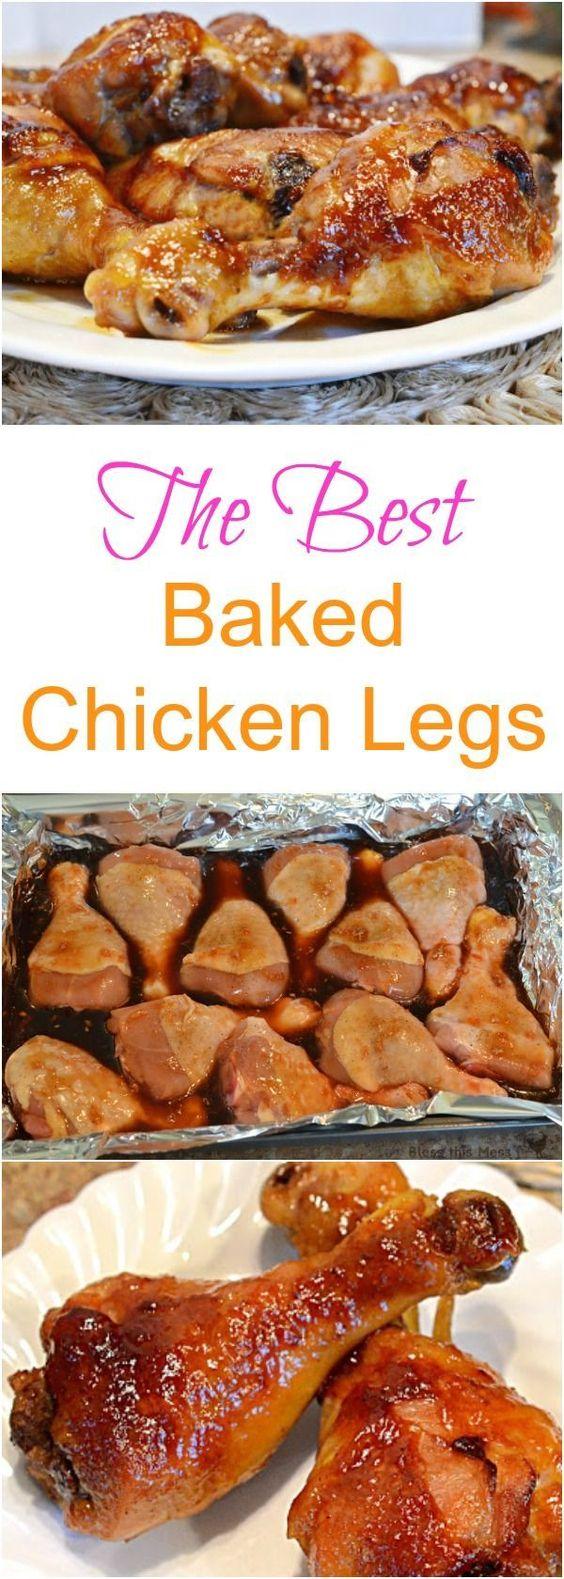 The Best Baked Chicken Legs | Recipe | Chicken Legs, Chicken Leg ...